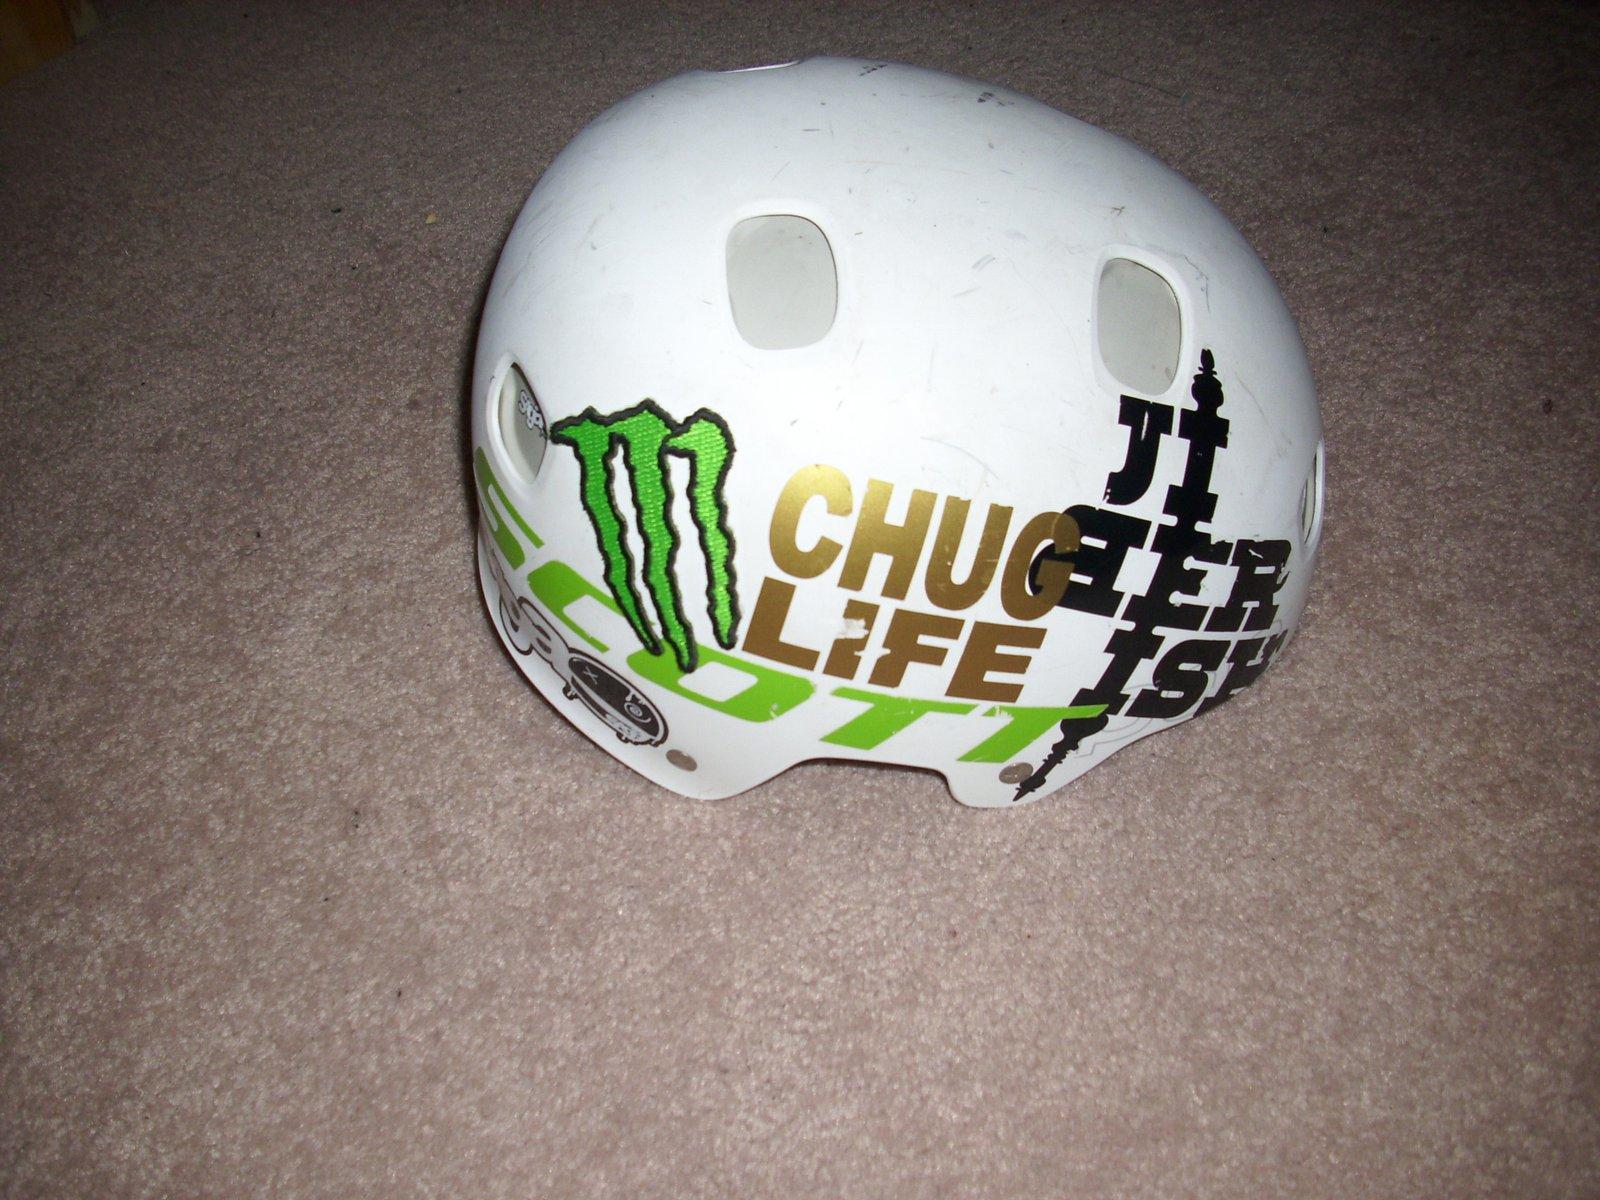 Chug helmet side 1